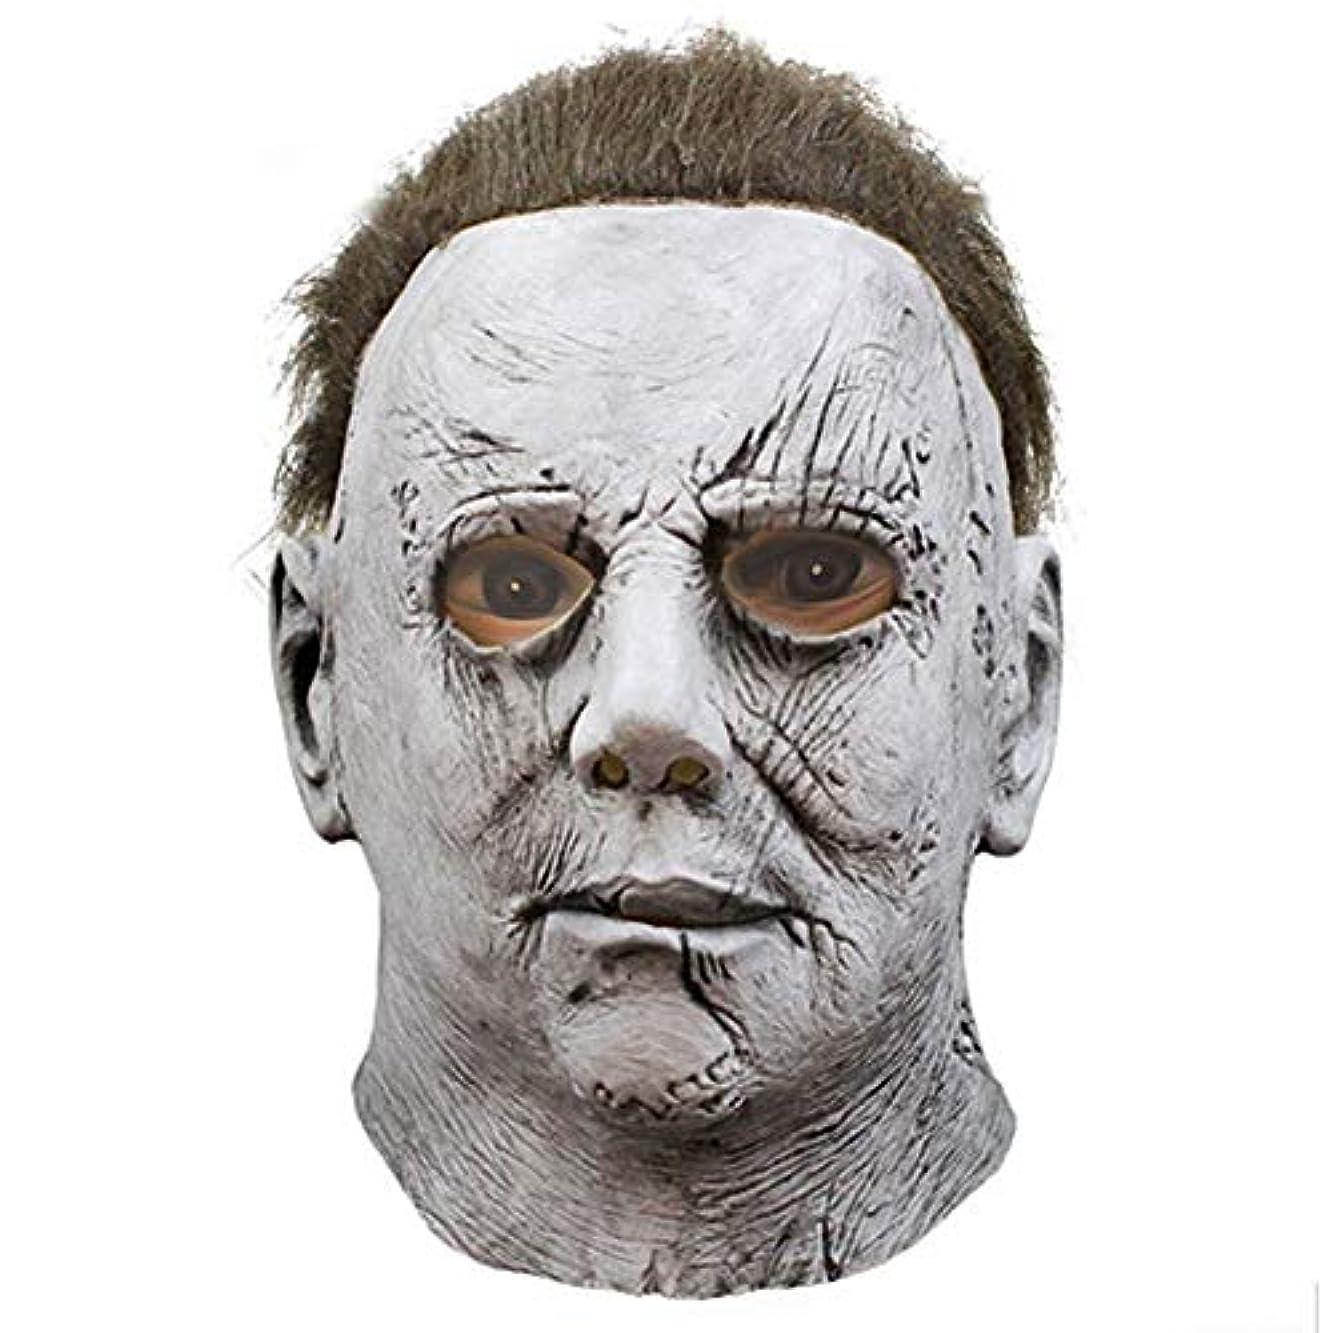 感じる記念品震えハロウィーンマスク、顔をしかめるラテックスマスク、ハロウィーン、テーマパーティー、カーニバル、レイブパーティー、バー、小道具、映画。